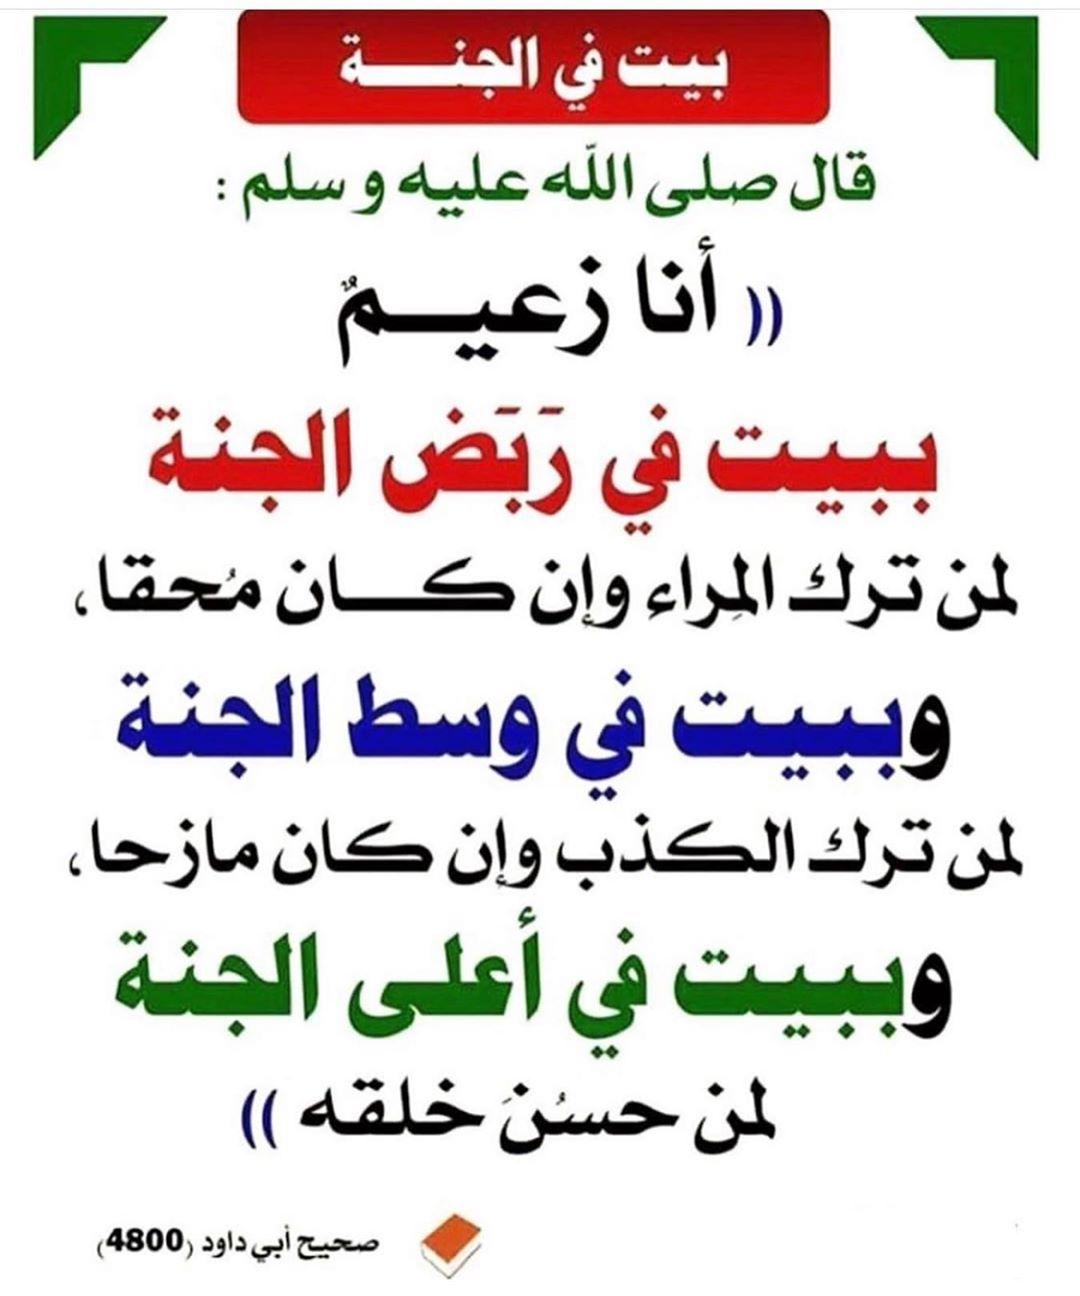 التوحيد On Instagram اللهم اجعل كتابي في عليين وامسك لساني عن العالميين قل شي تؤجر عليه سبحان الله Quran Quotes Love Islamic Quotes Quran Quotes